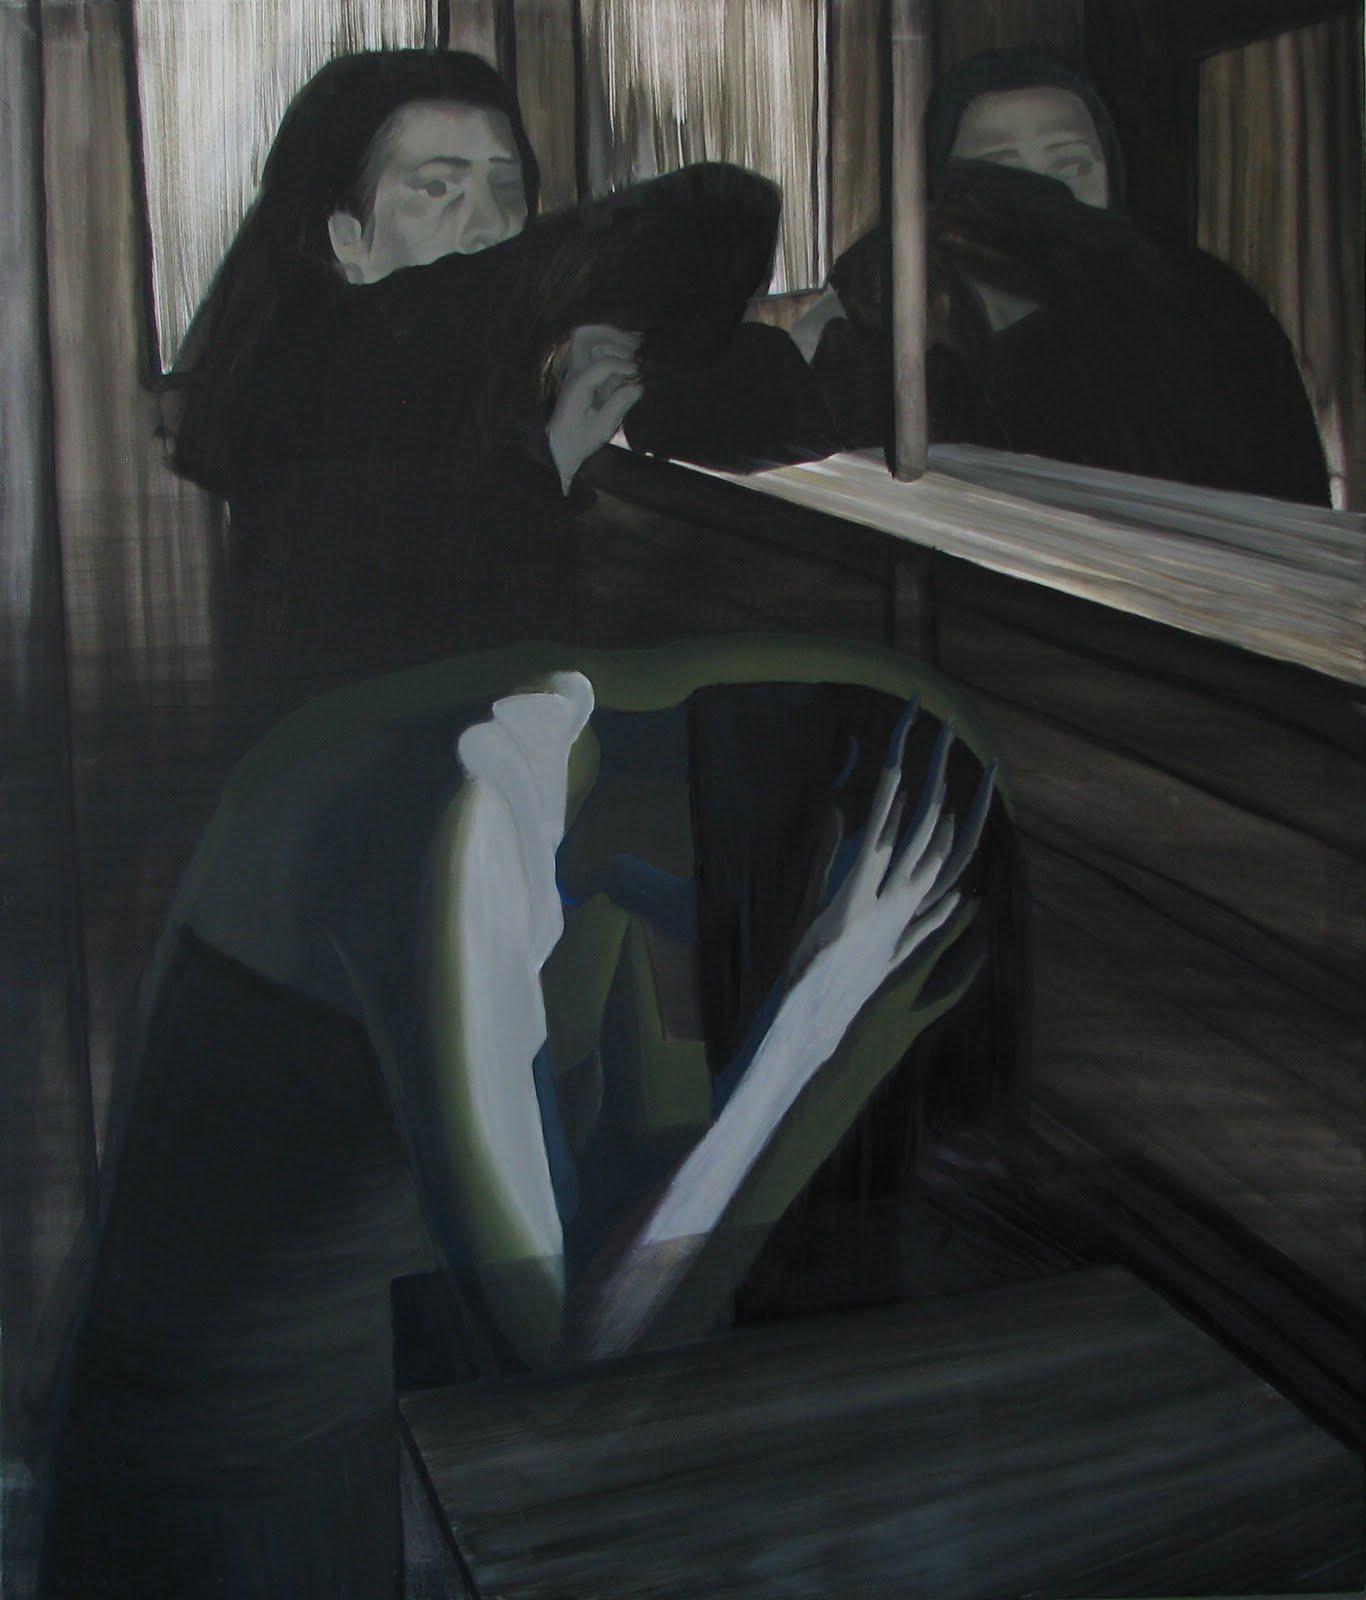 bez tytułu, 2010, olej na płótnie, 130x160 cm